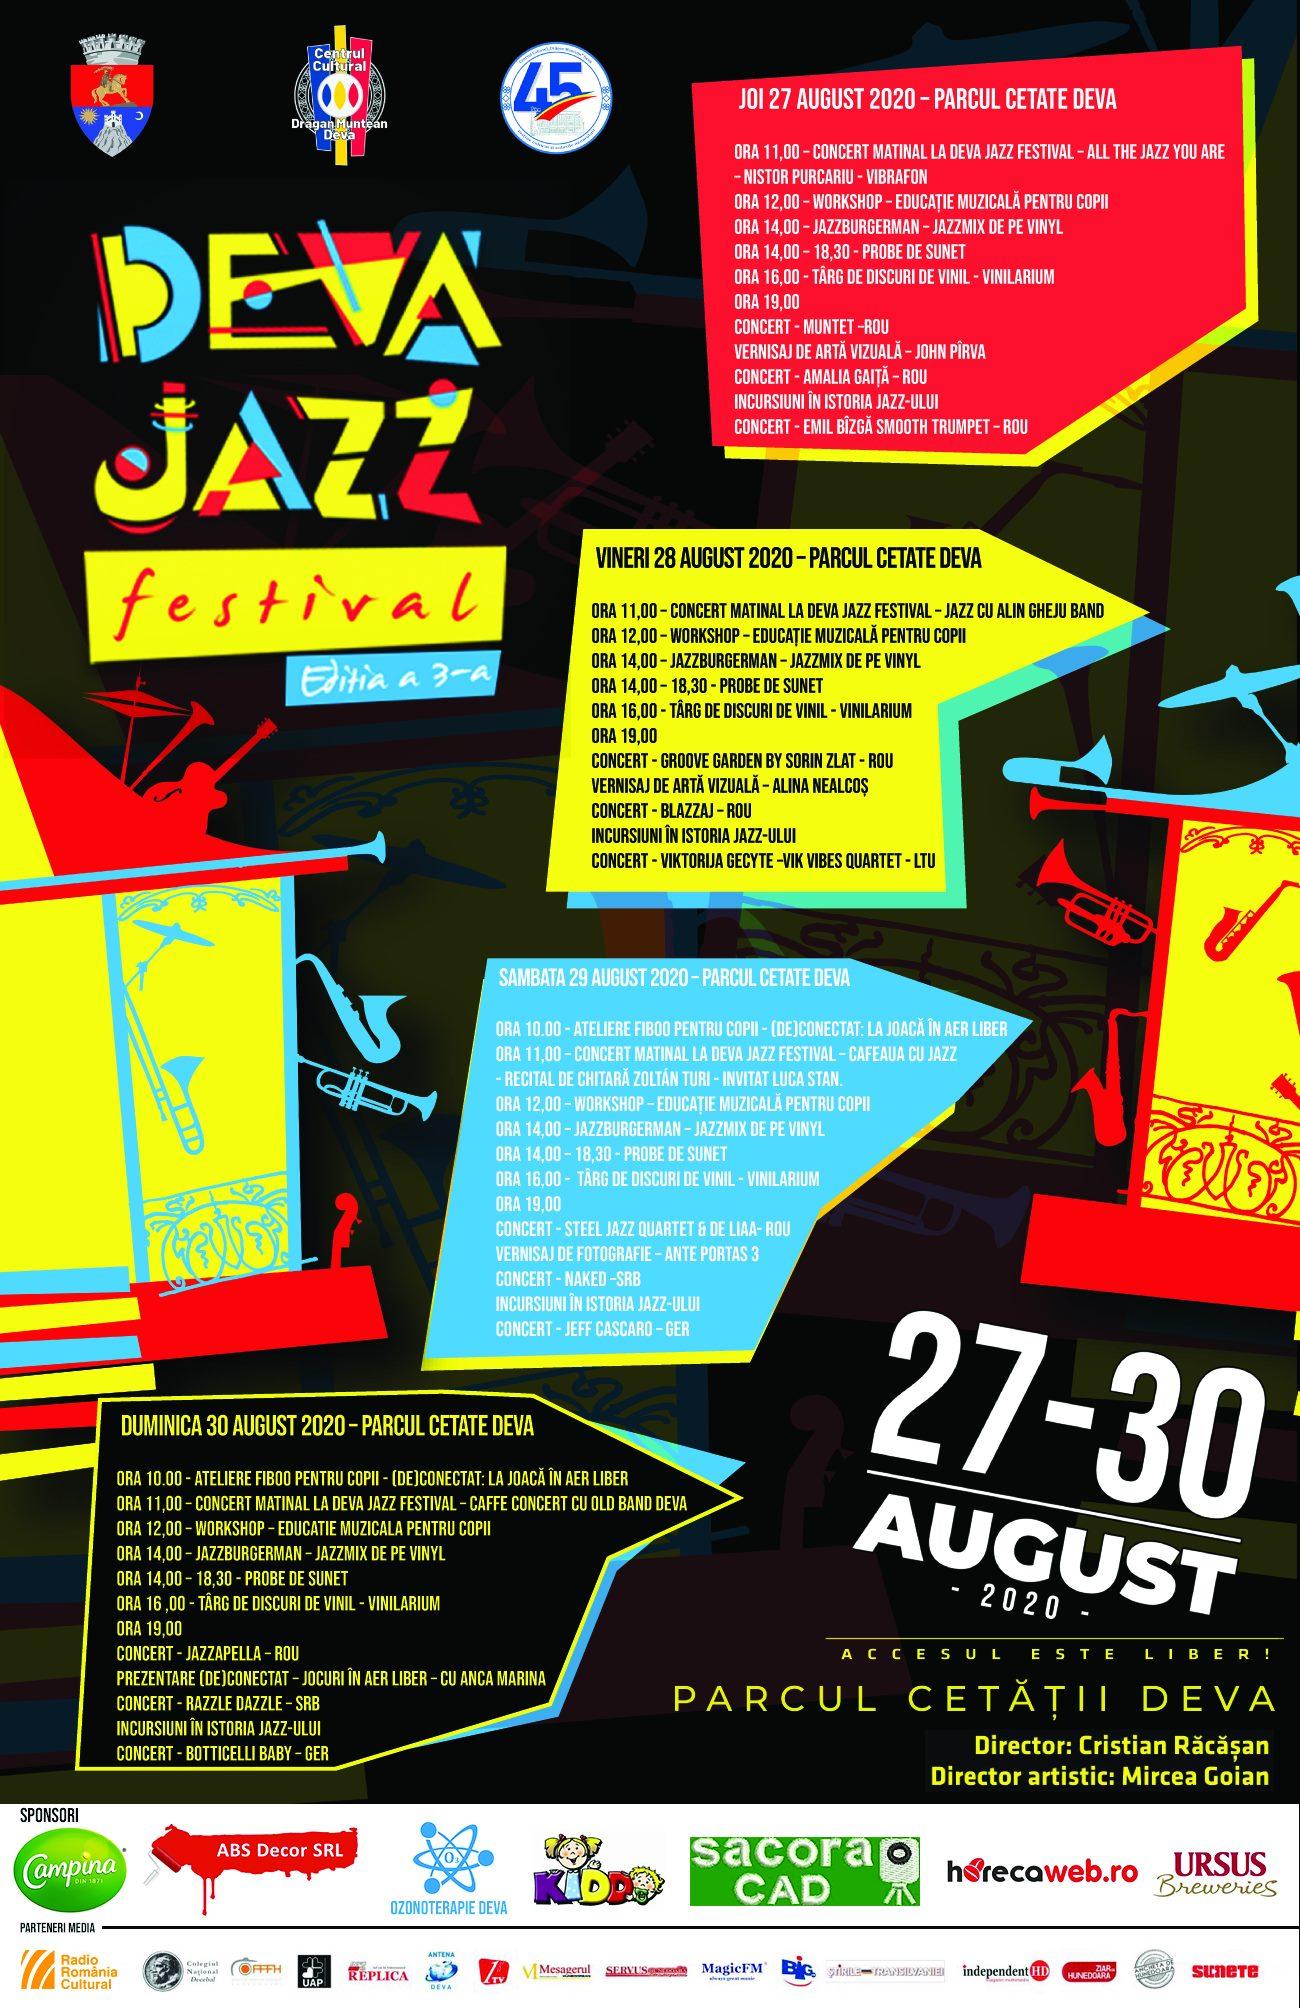 Iubitorii de jazz, așteptați la ediția a treia a Deva Jazz Festival